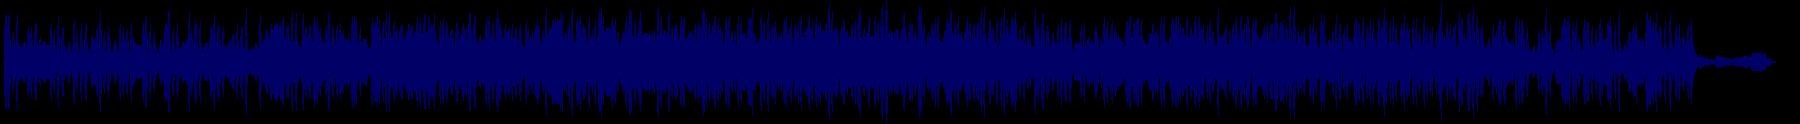 waveform of track #43451